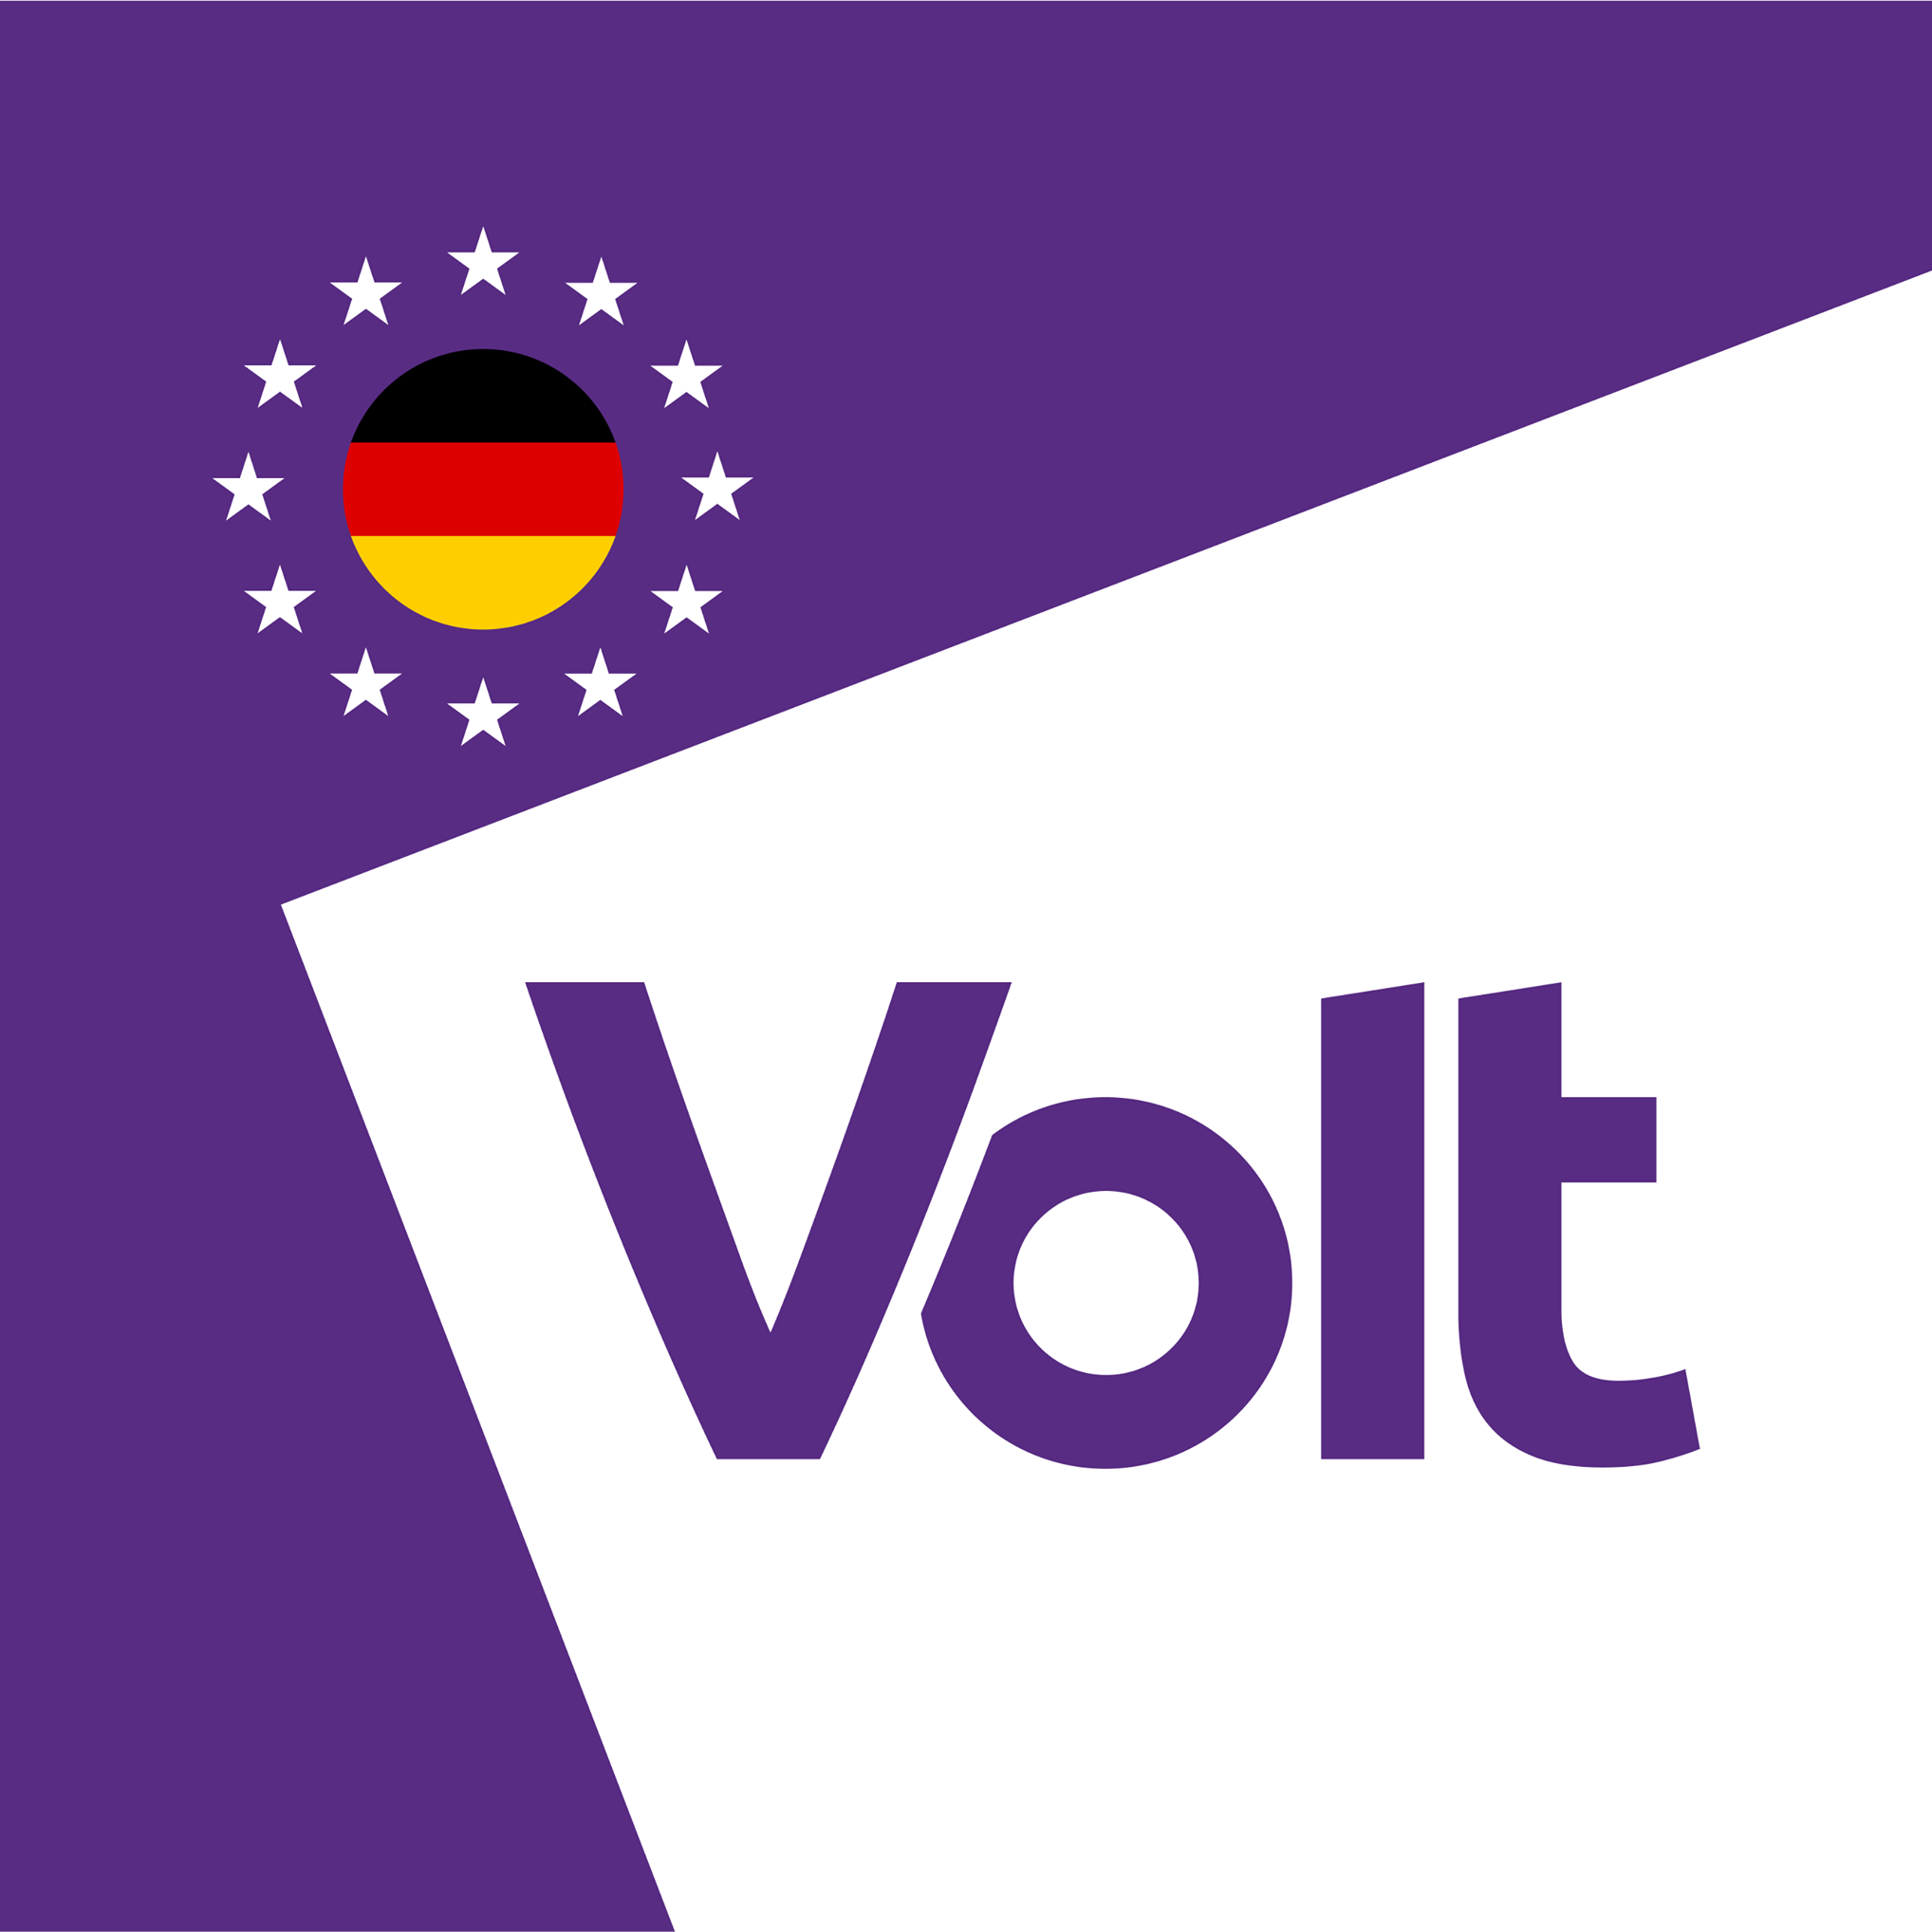 Volt Deutschland Partei